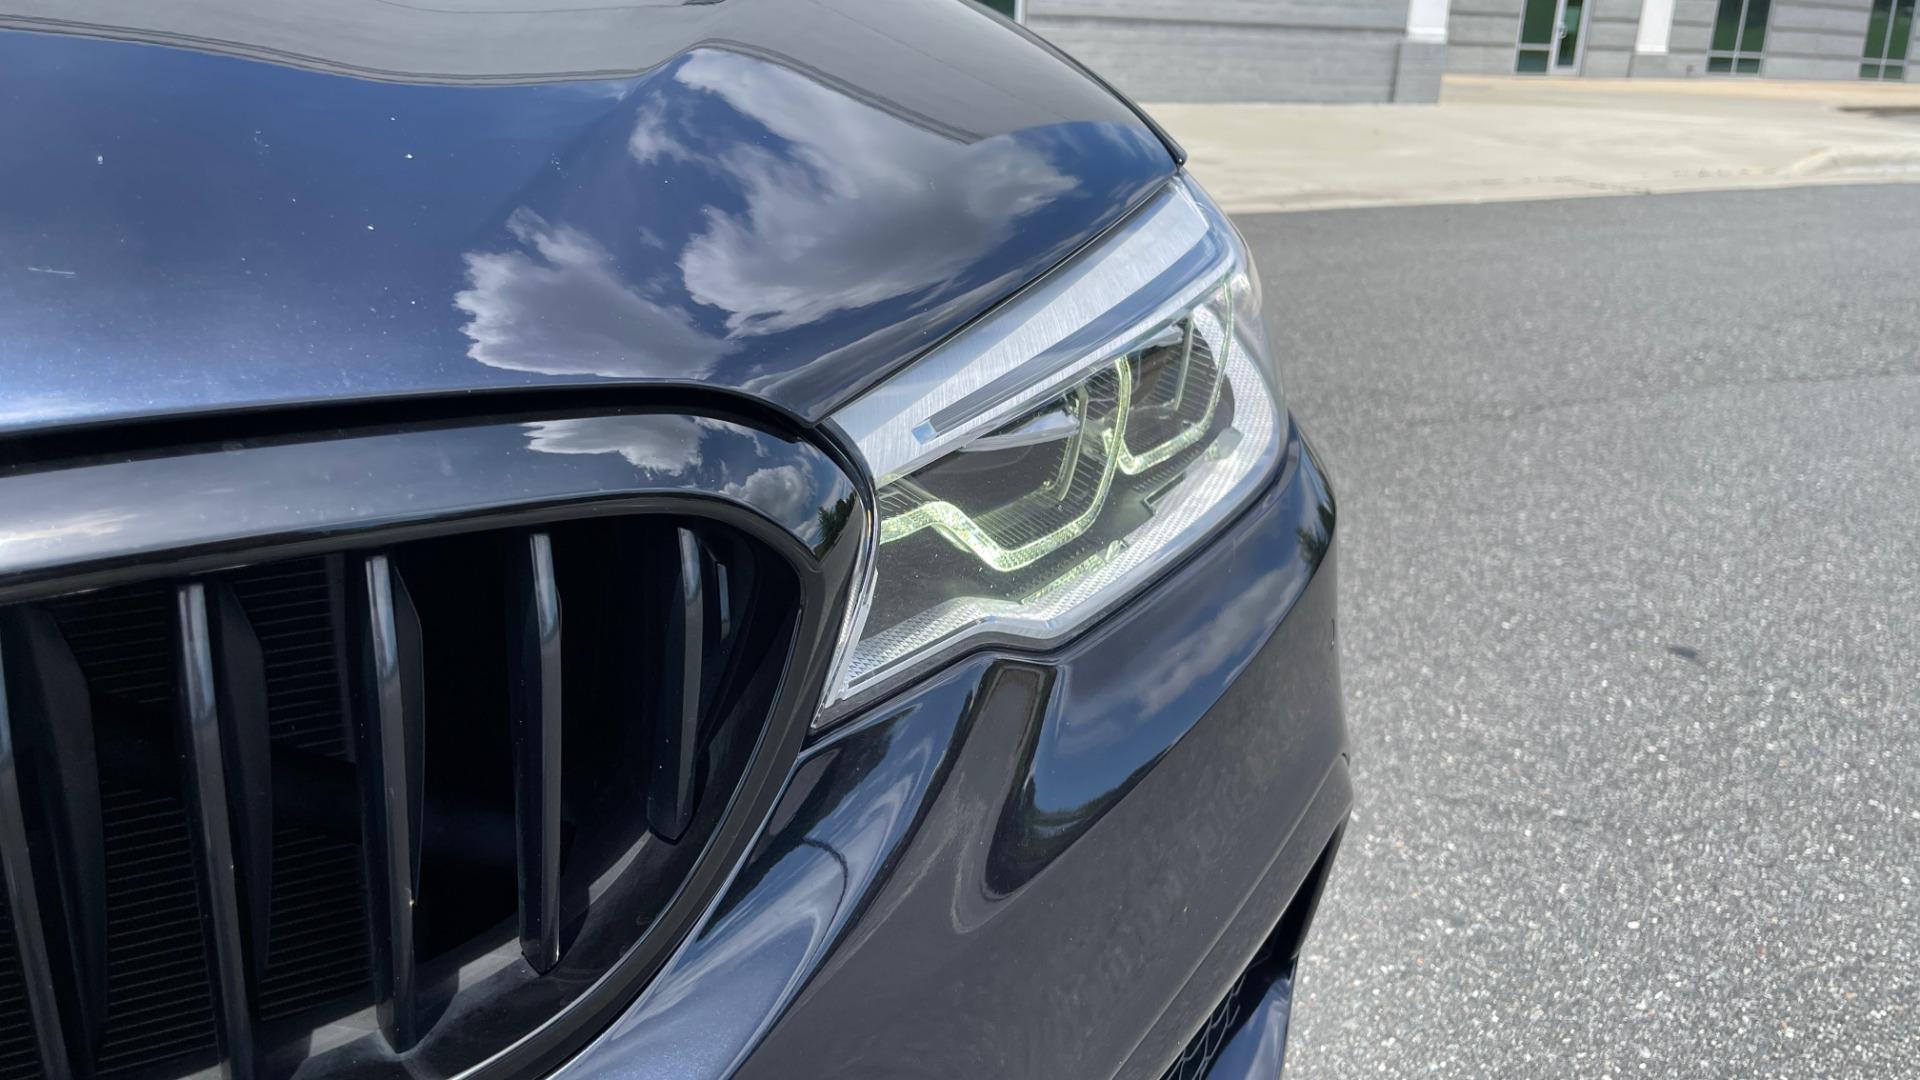 Used 2018 BMW 5 SERIES 540I M-SPORT / EXECUTIVE PKG / DRVR ASST PKG / BLIND SPOT / LANE DEPART for sale $40,995 at Formula Imports in Charlotte NC 28227 16